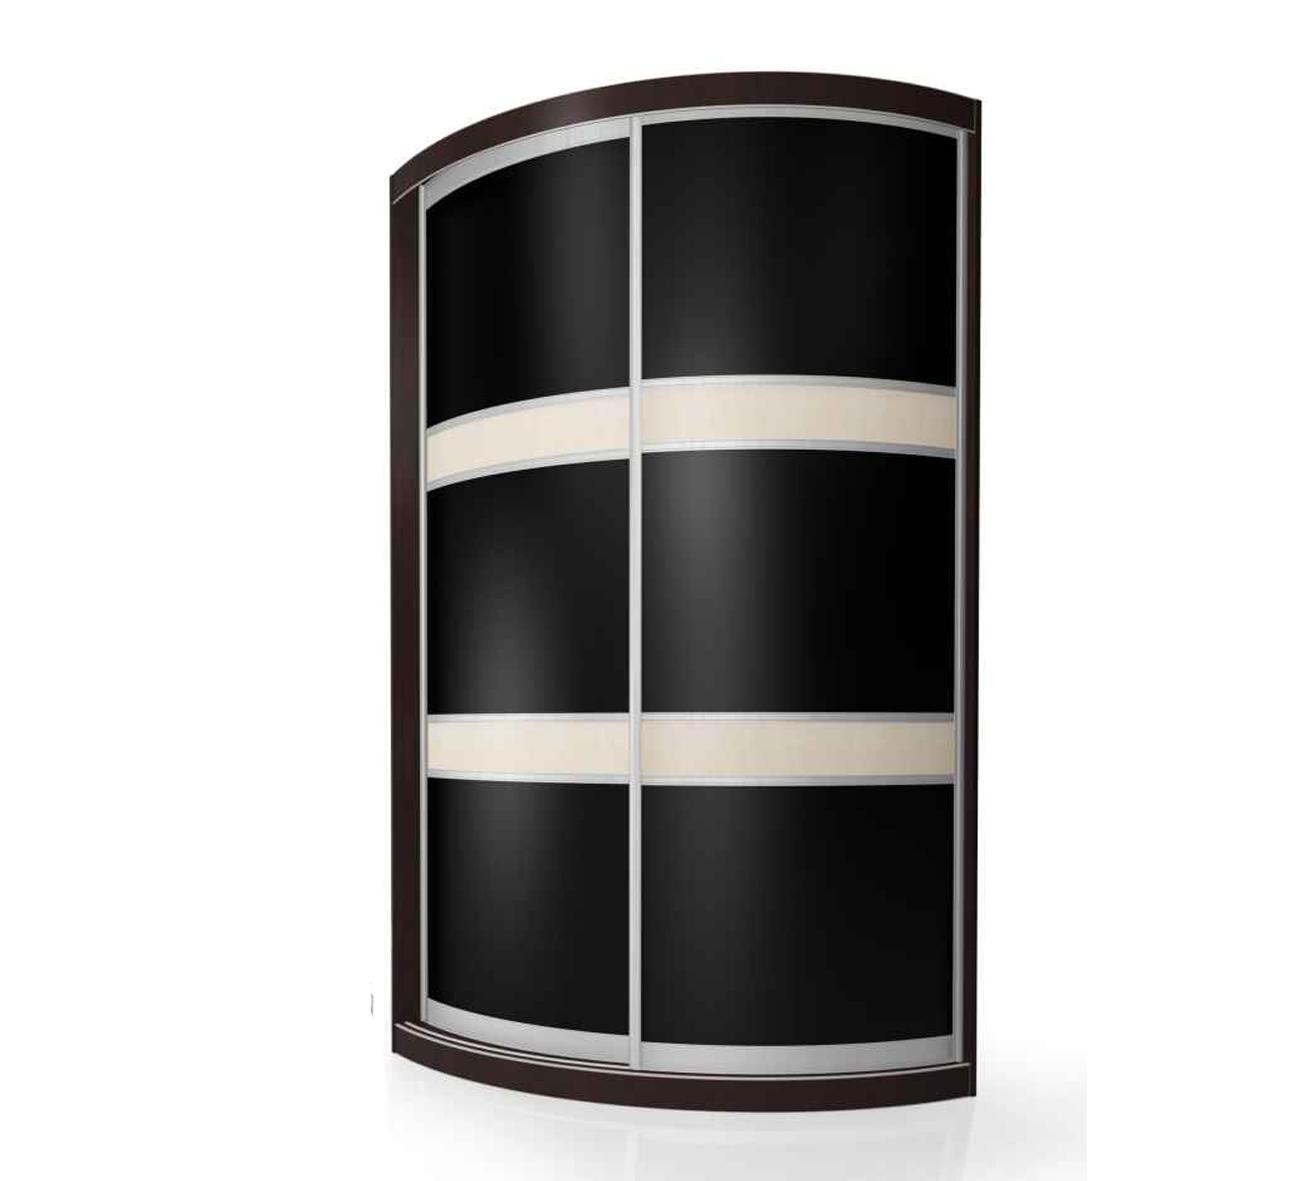 Радиусный шкаф-купе Мебелайн-2 радиусный шкаф купе мебелайн 5